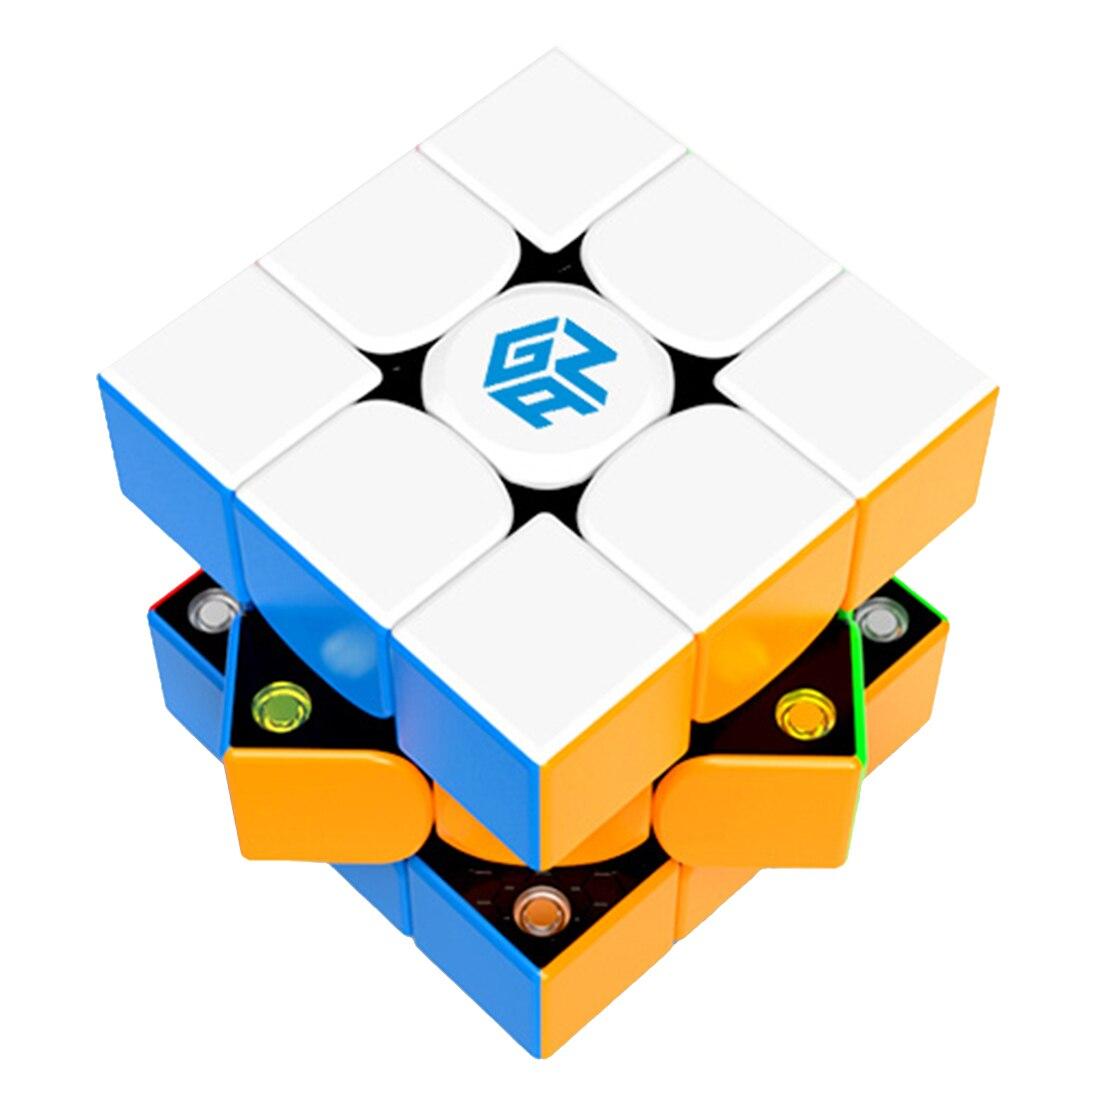 GAN354M 3x3x3 Force Magnétique Cube Magique casse-tête Jouet-Coloré